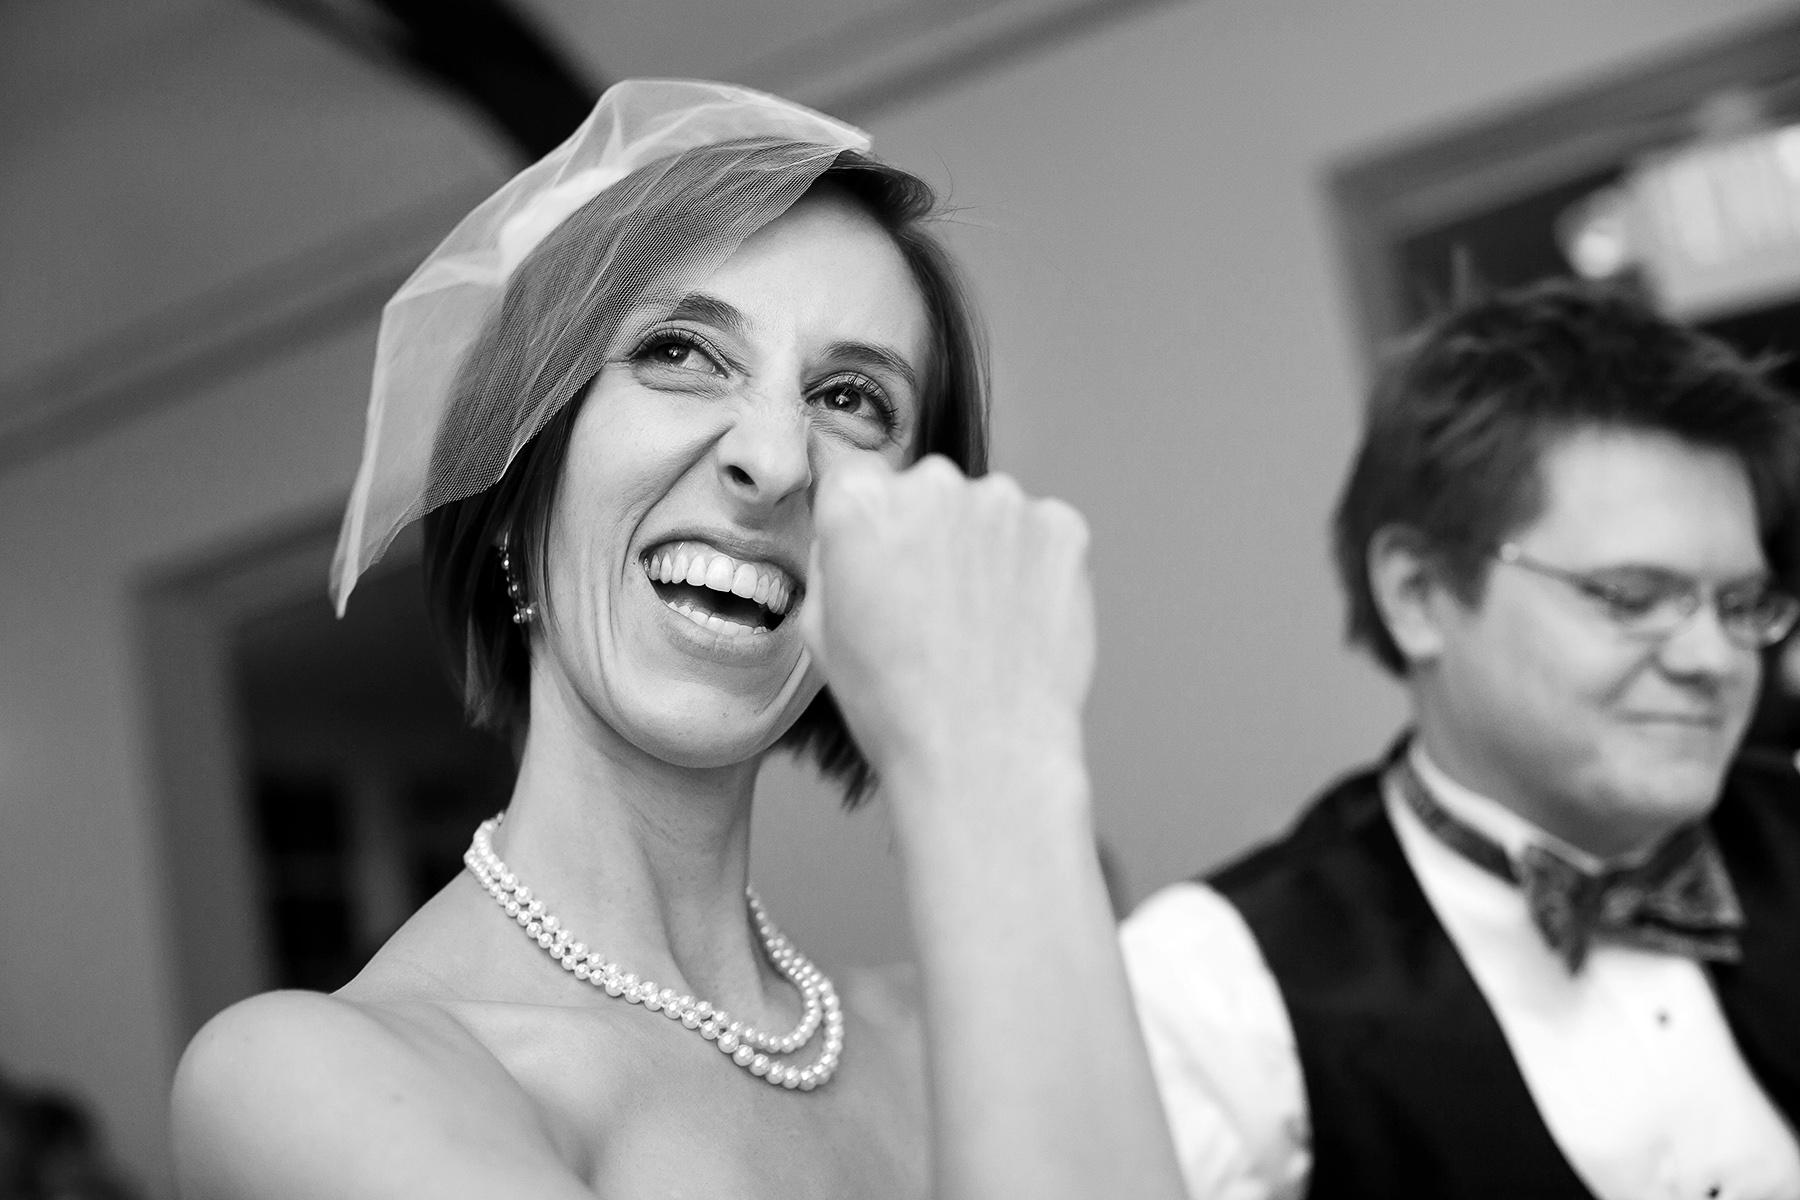 Photographie de mariage au solarium de Decatur | La mariée répond à un toast